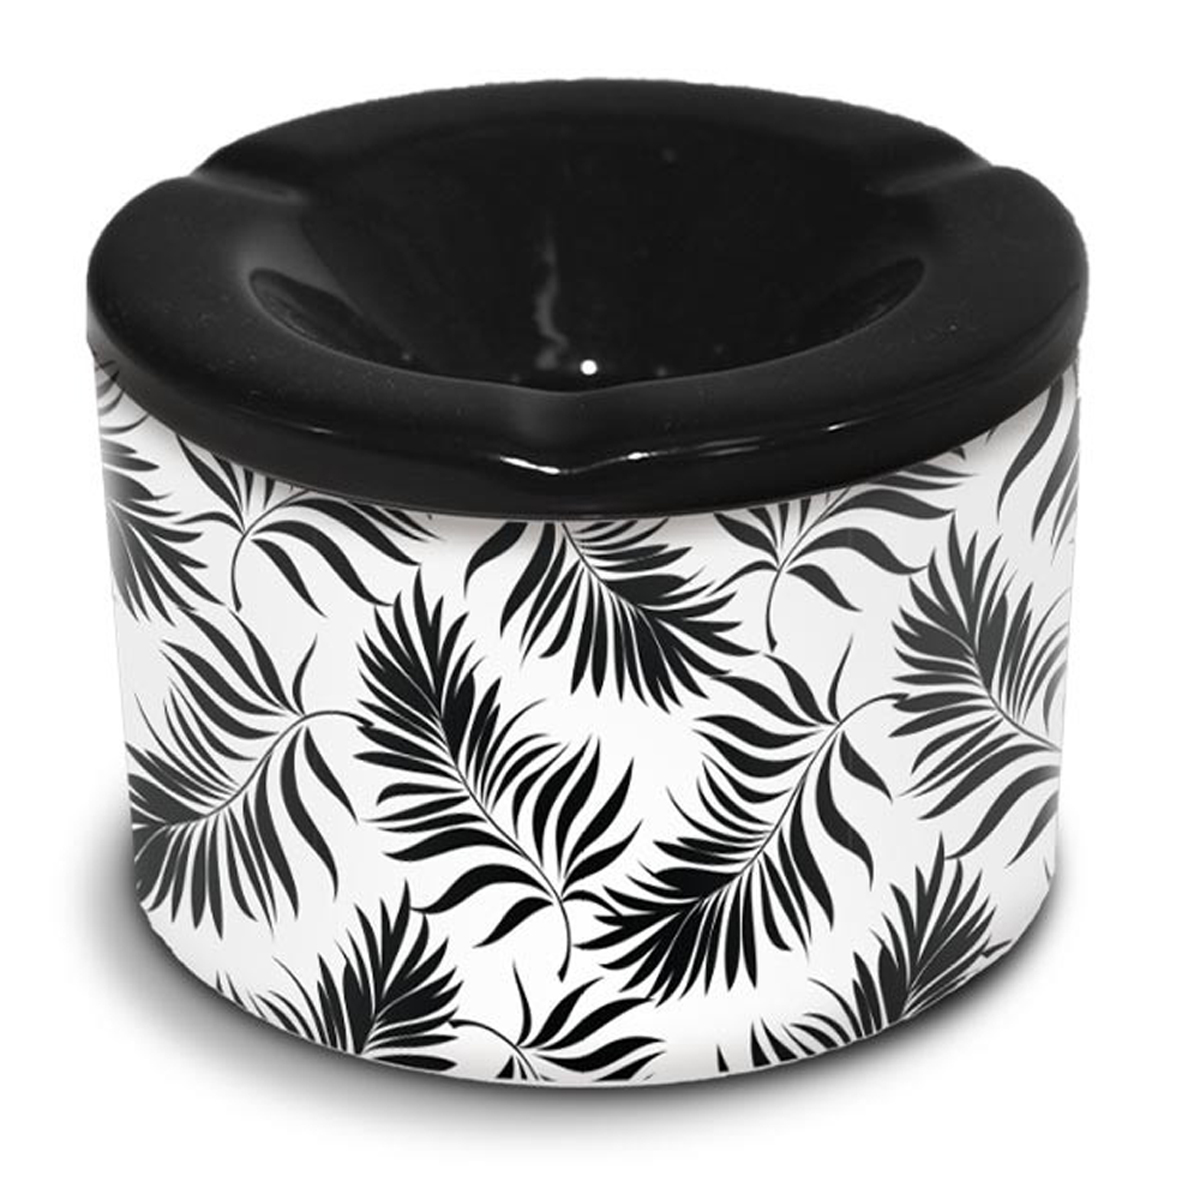 Cendrier marocain céramique \'Tropical\' noir blanc  (feuilles) - 10x7 cm - [A3153]